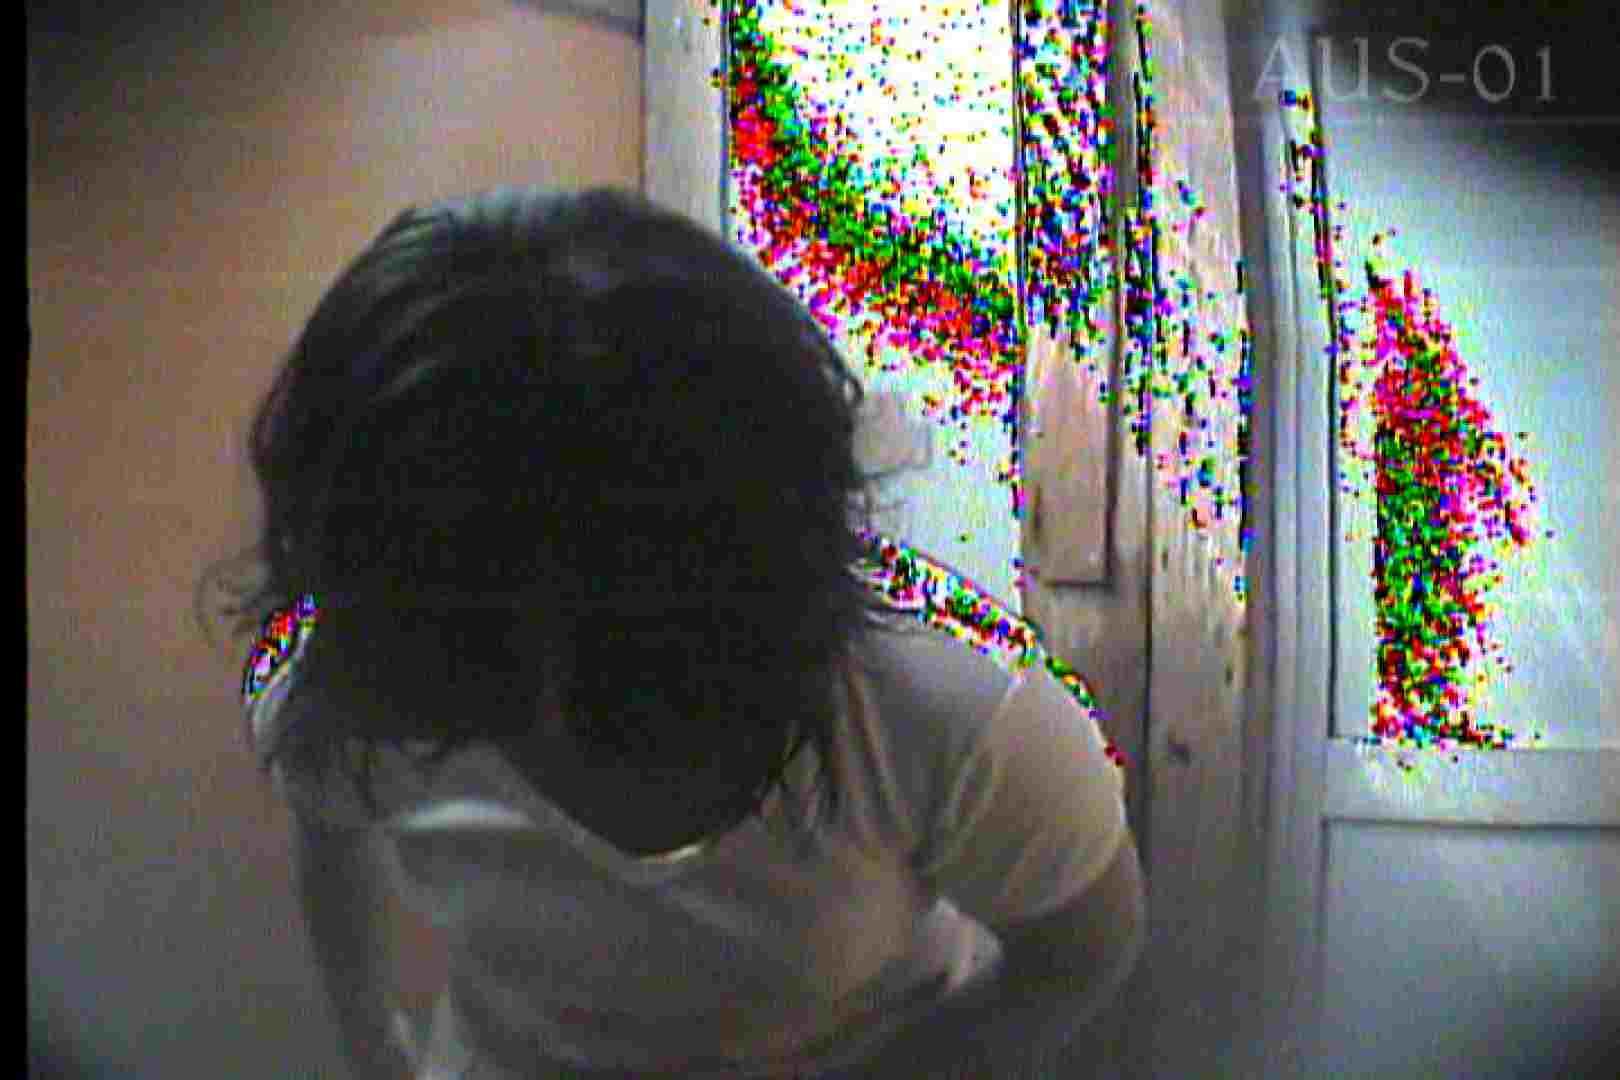 海の家の更衣室 Vol.03 シャワー エロ画像 82画像 77